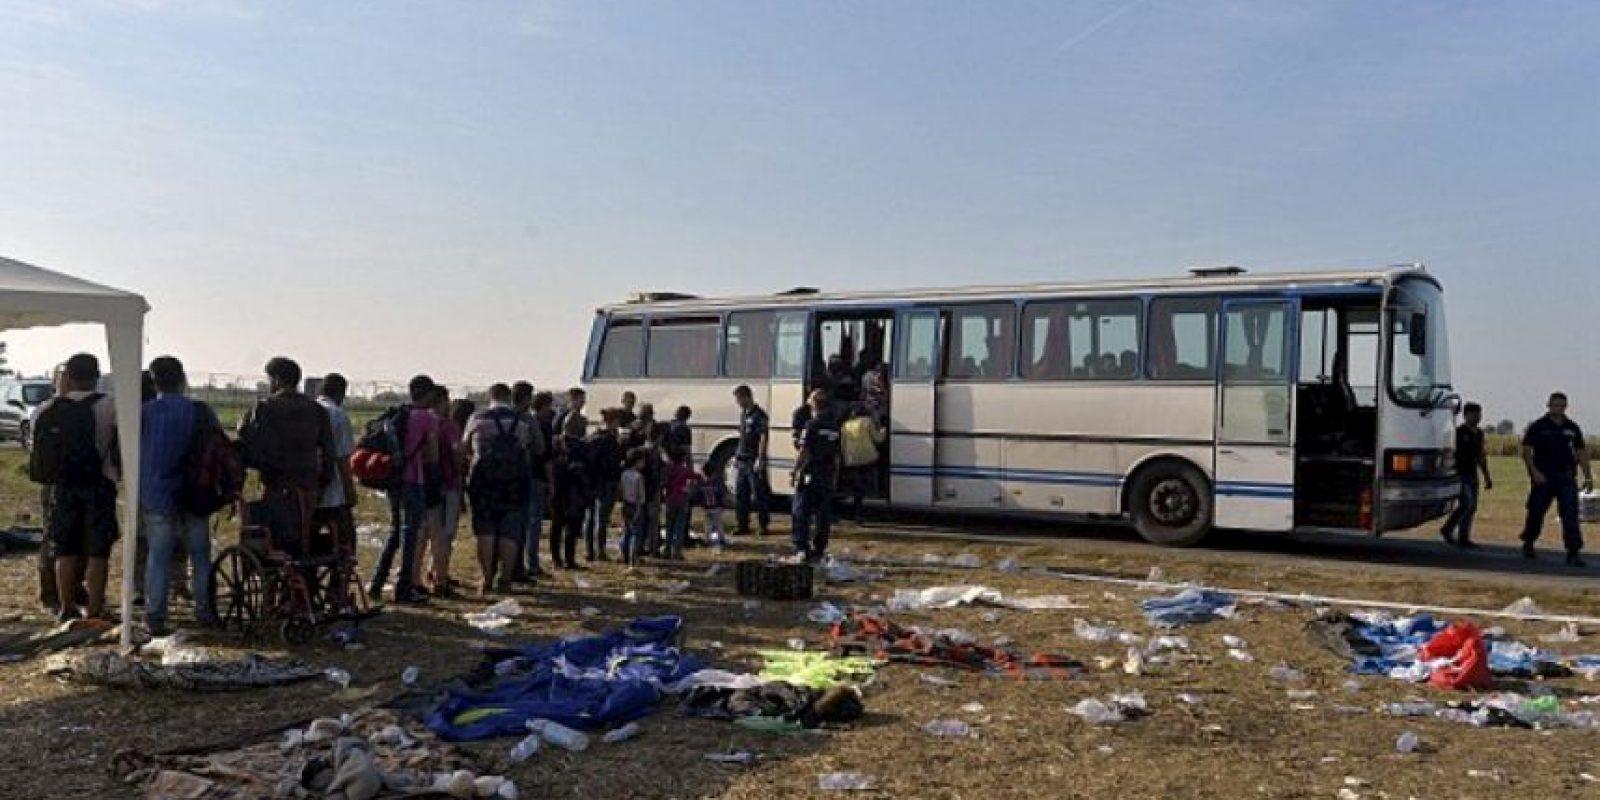 La policía cree que su intención es no enfrentar la deportación a Hungría. Foto:AP